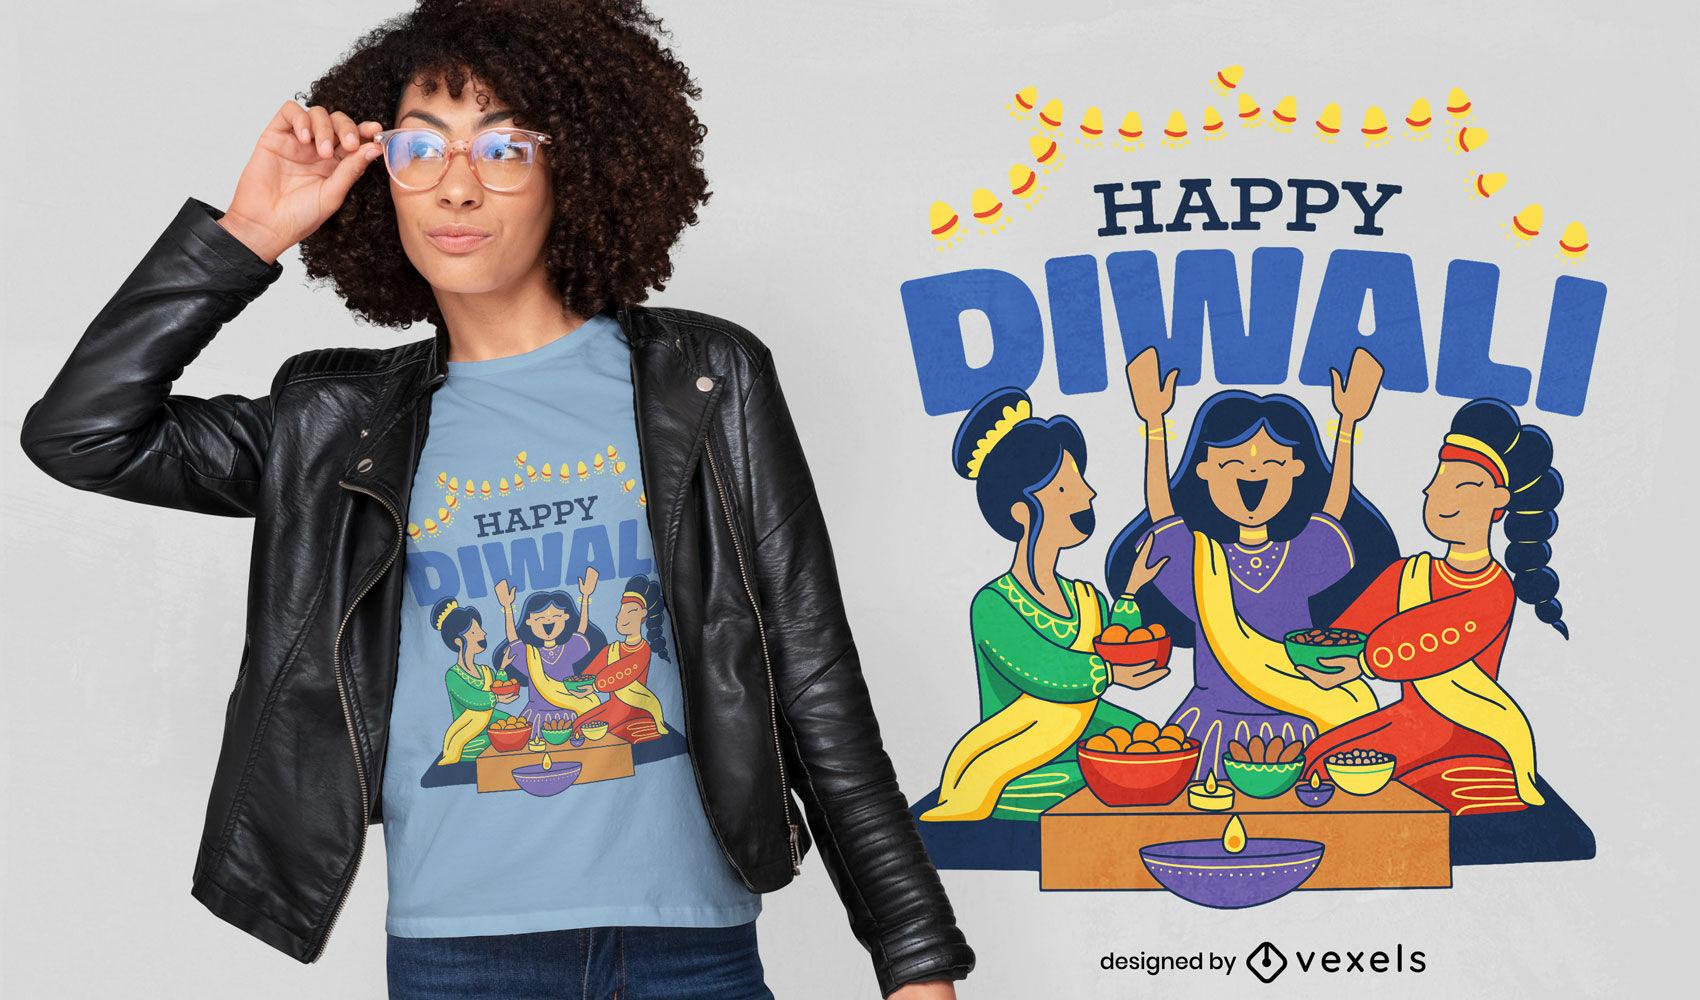 Diseño de camiseta de comida y gente feliz diwali